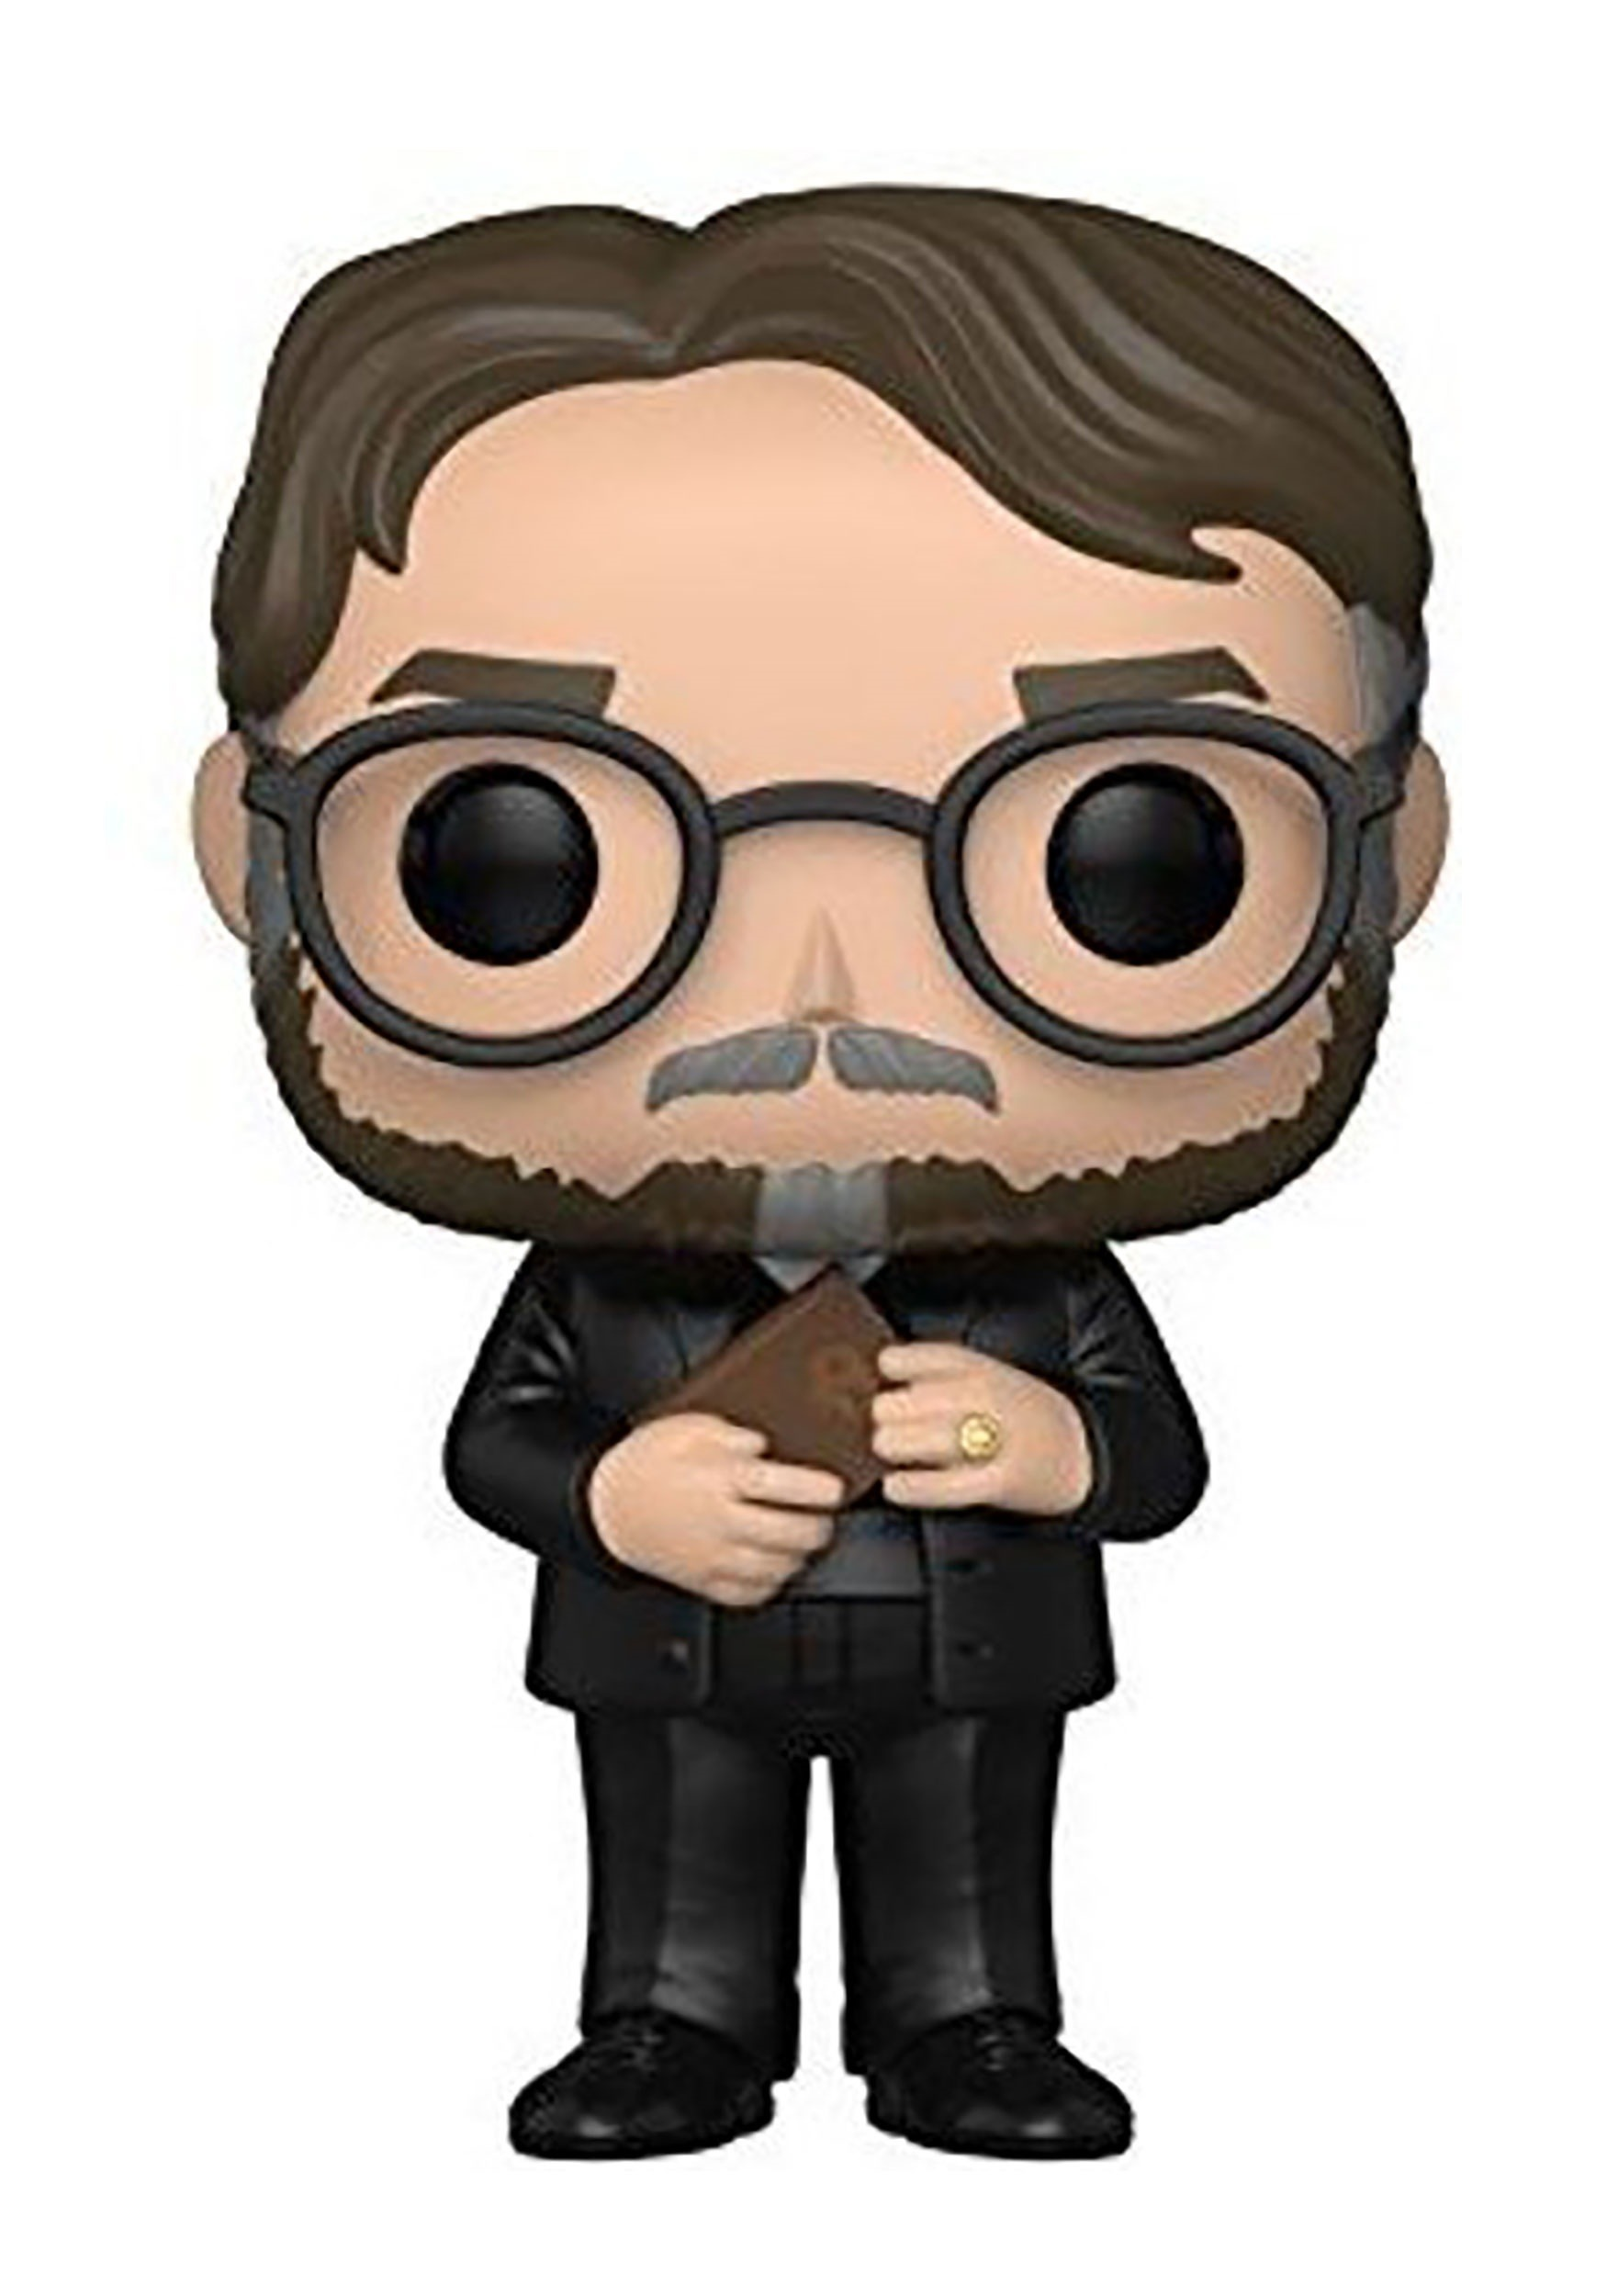 Director Guillermo del Toro from Funko Pop!